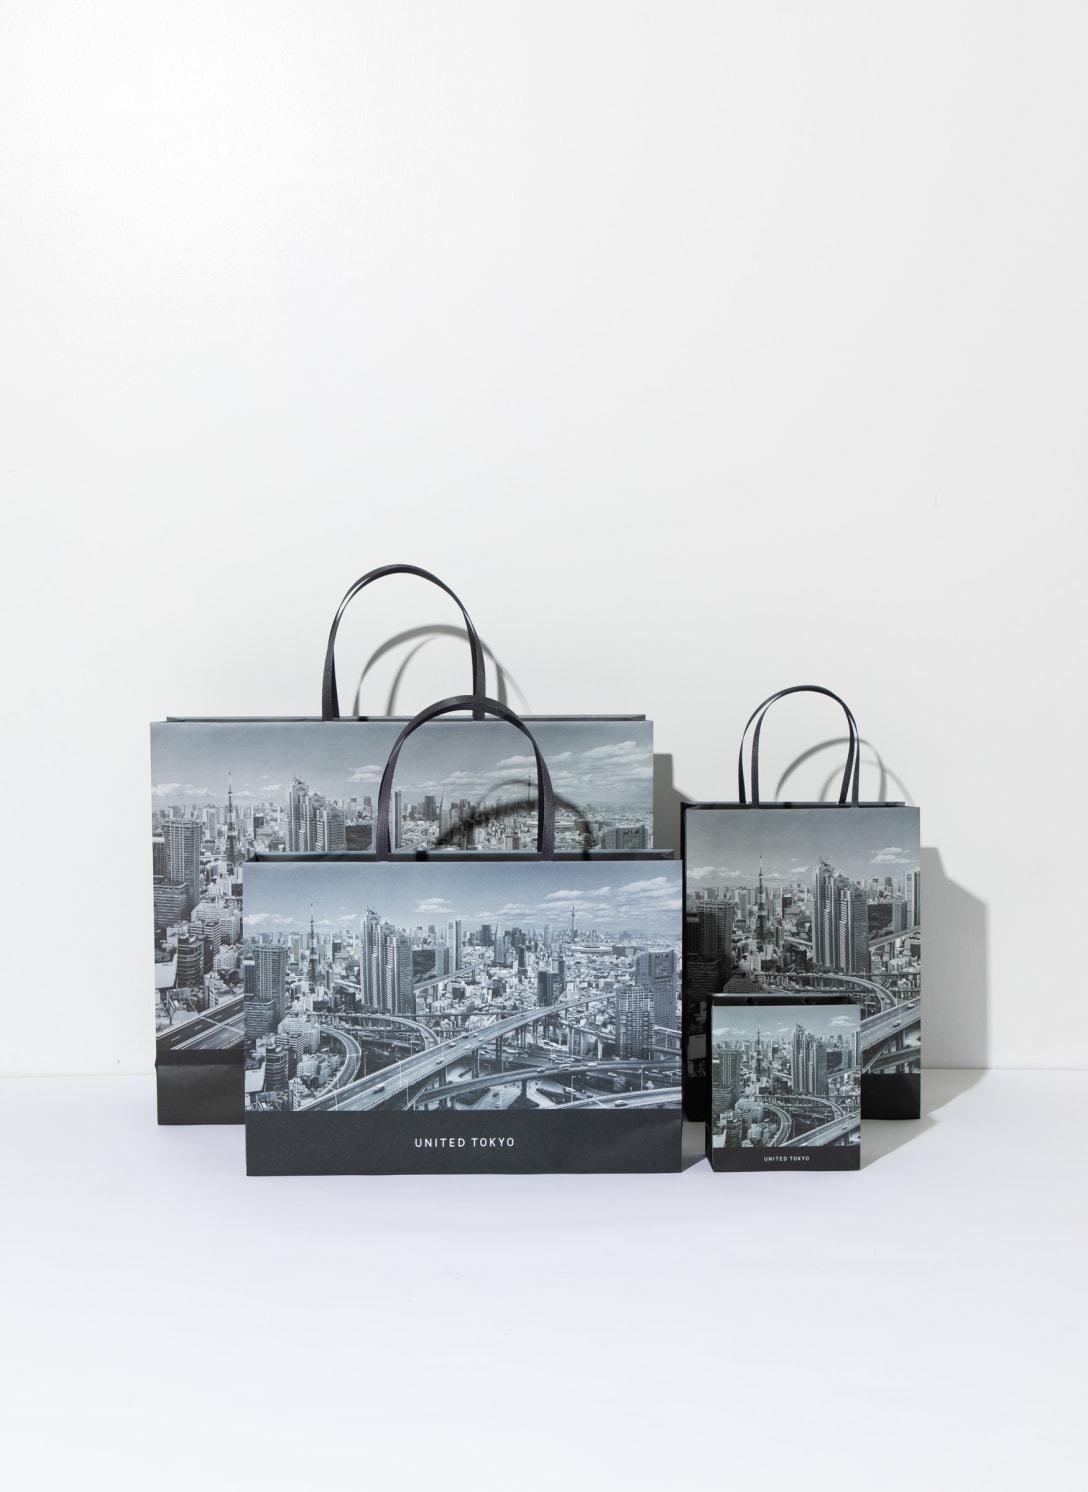 新ショッパーにはフォトグラファーのP.M.KENが撮影した東京の街並みをコラージュした写真をプリント Image by TOKYO BASE